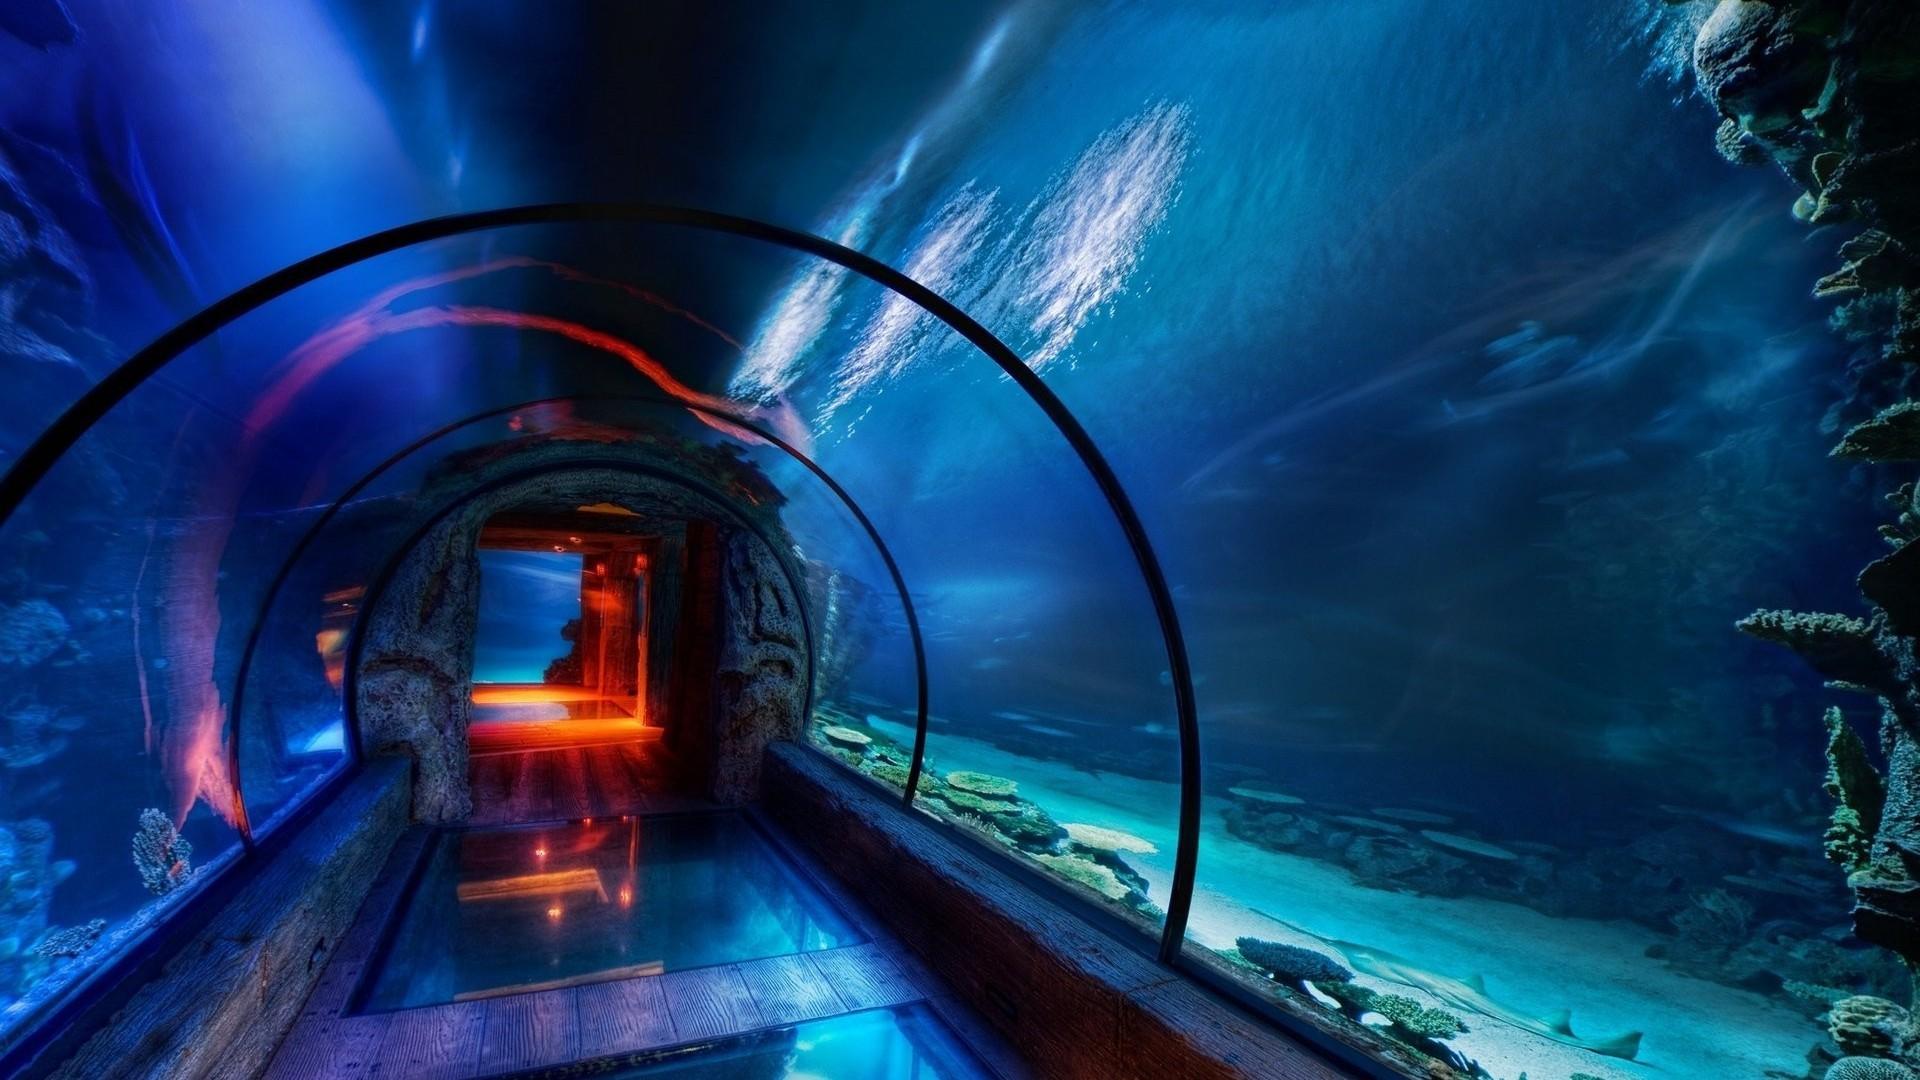 3d Wallpaper Hd Nature For Mobile Aquarium Hd Wallpapers Pixelstalk Net